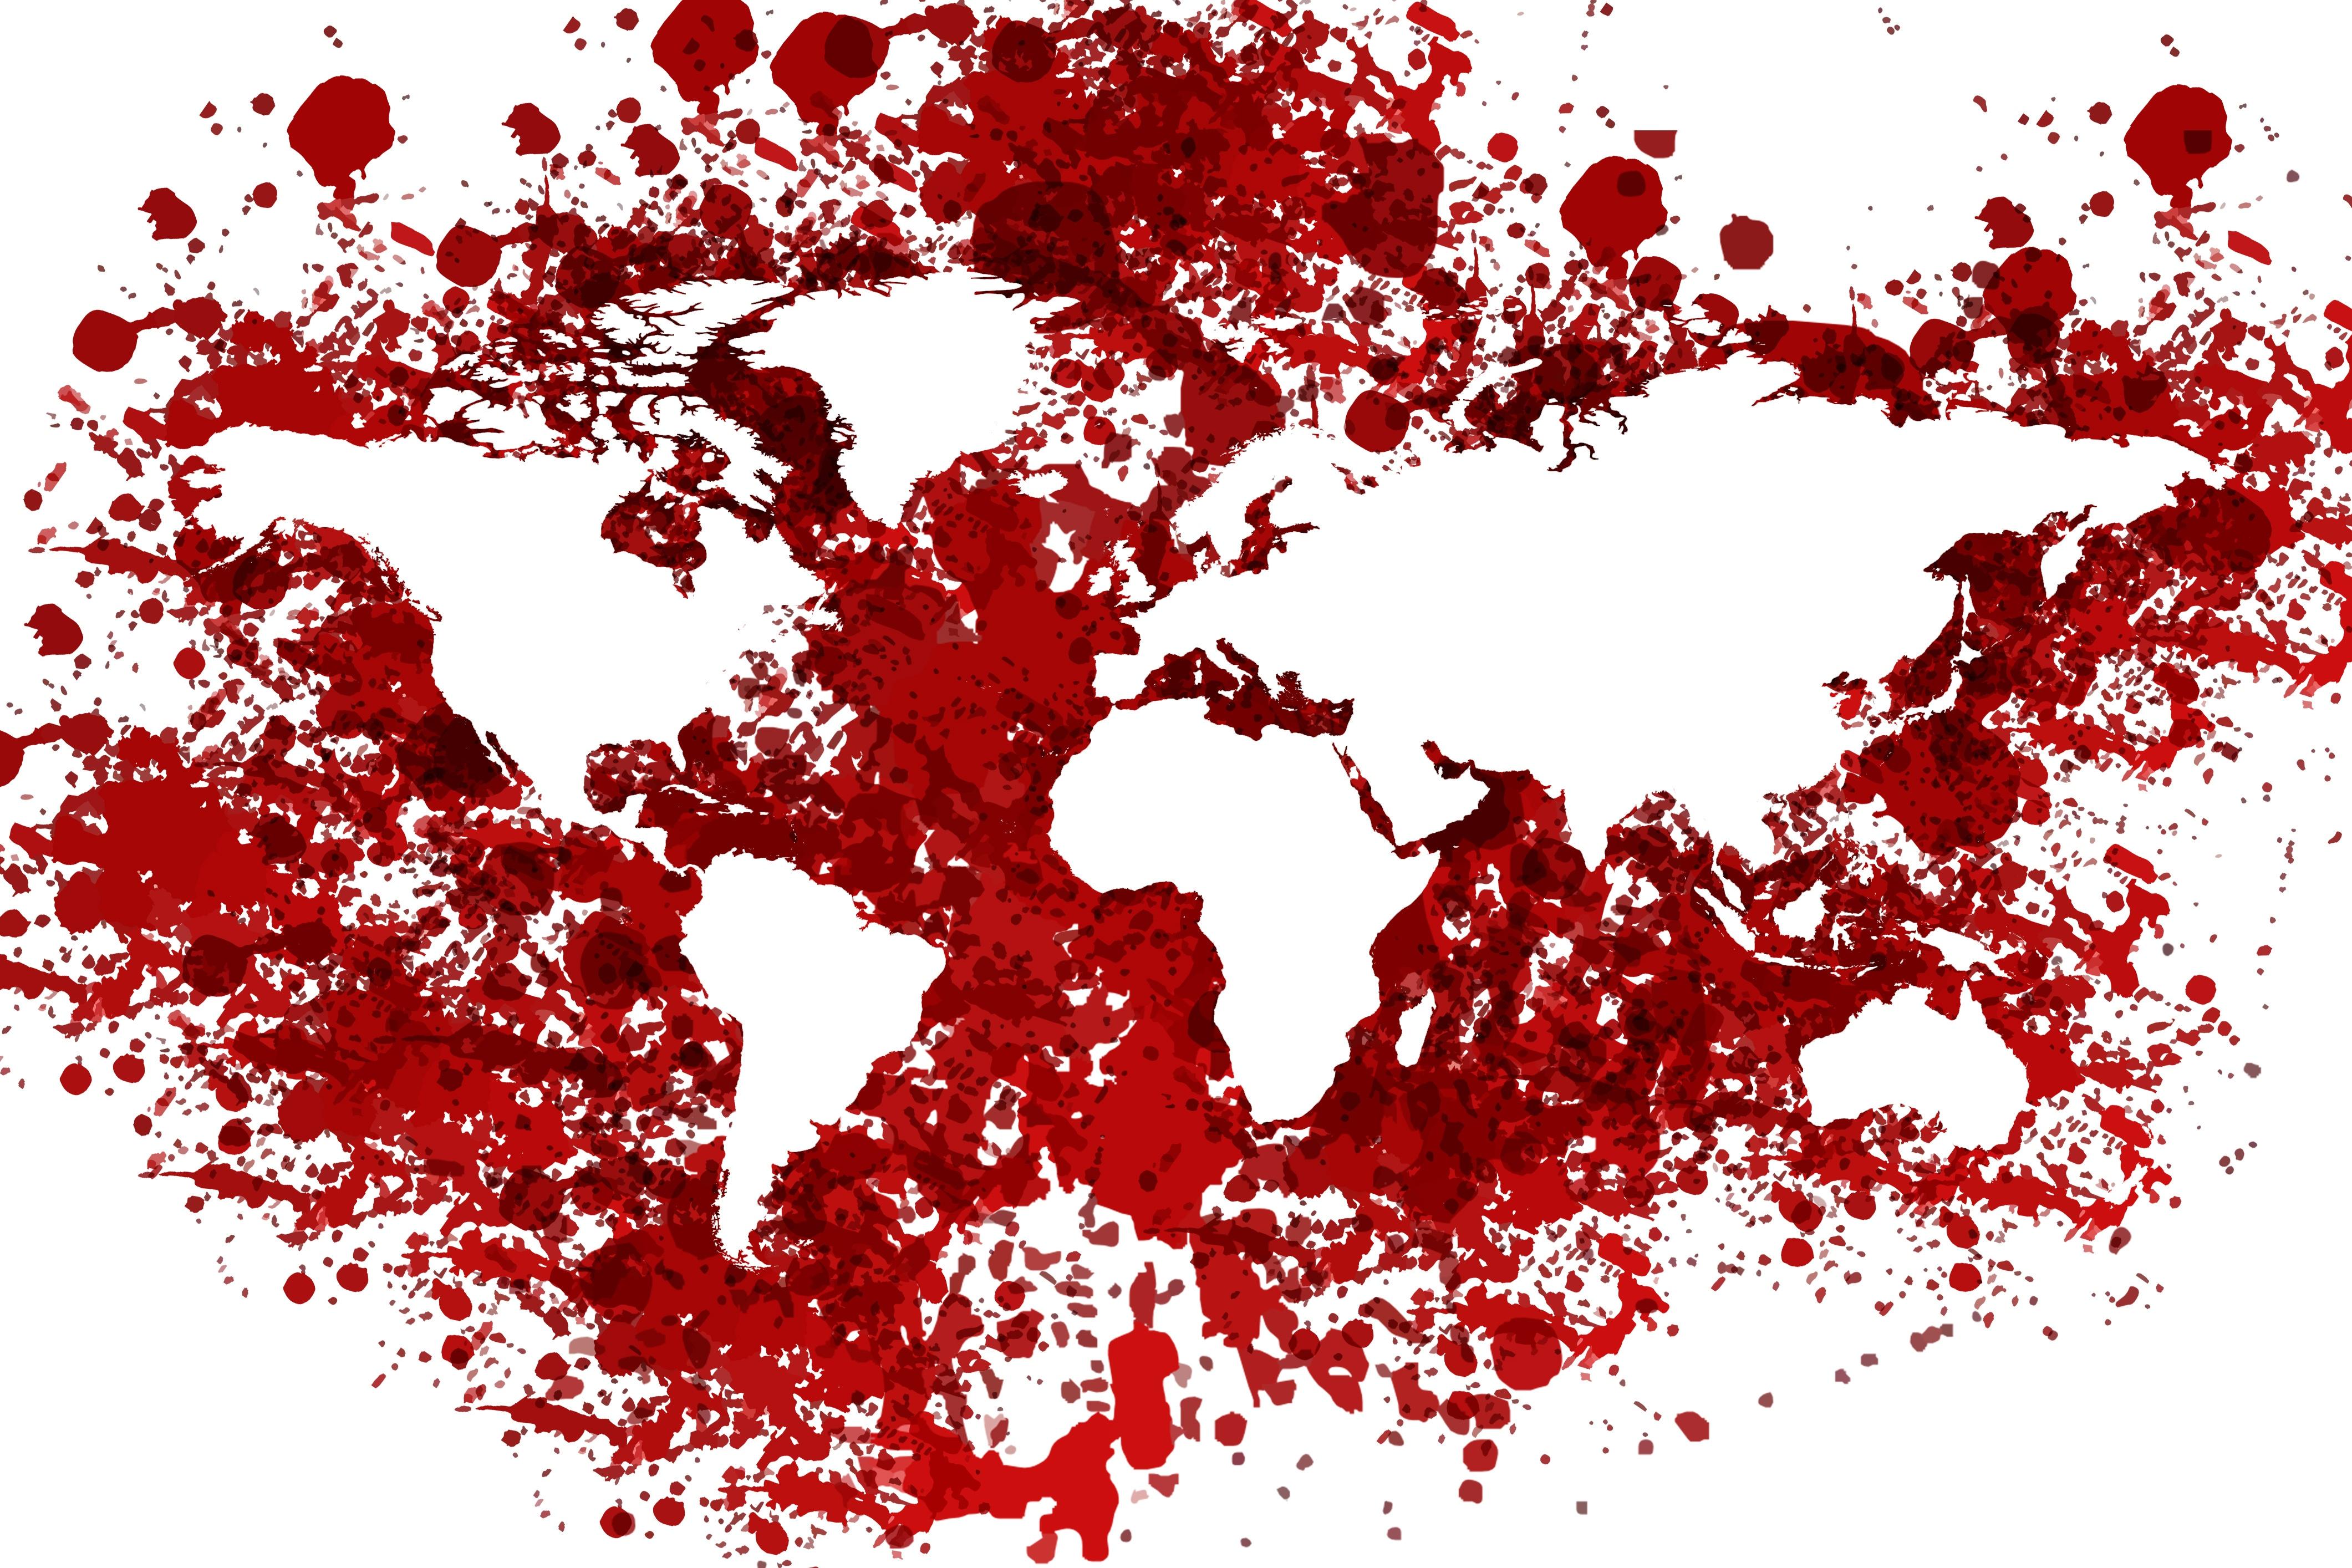 Selectieve abortus van meisjes wordt een wereldwijde plaag